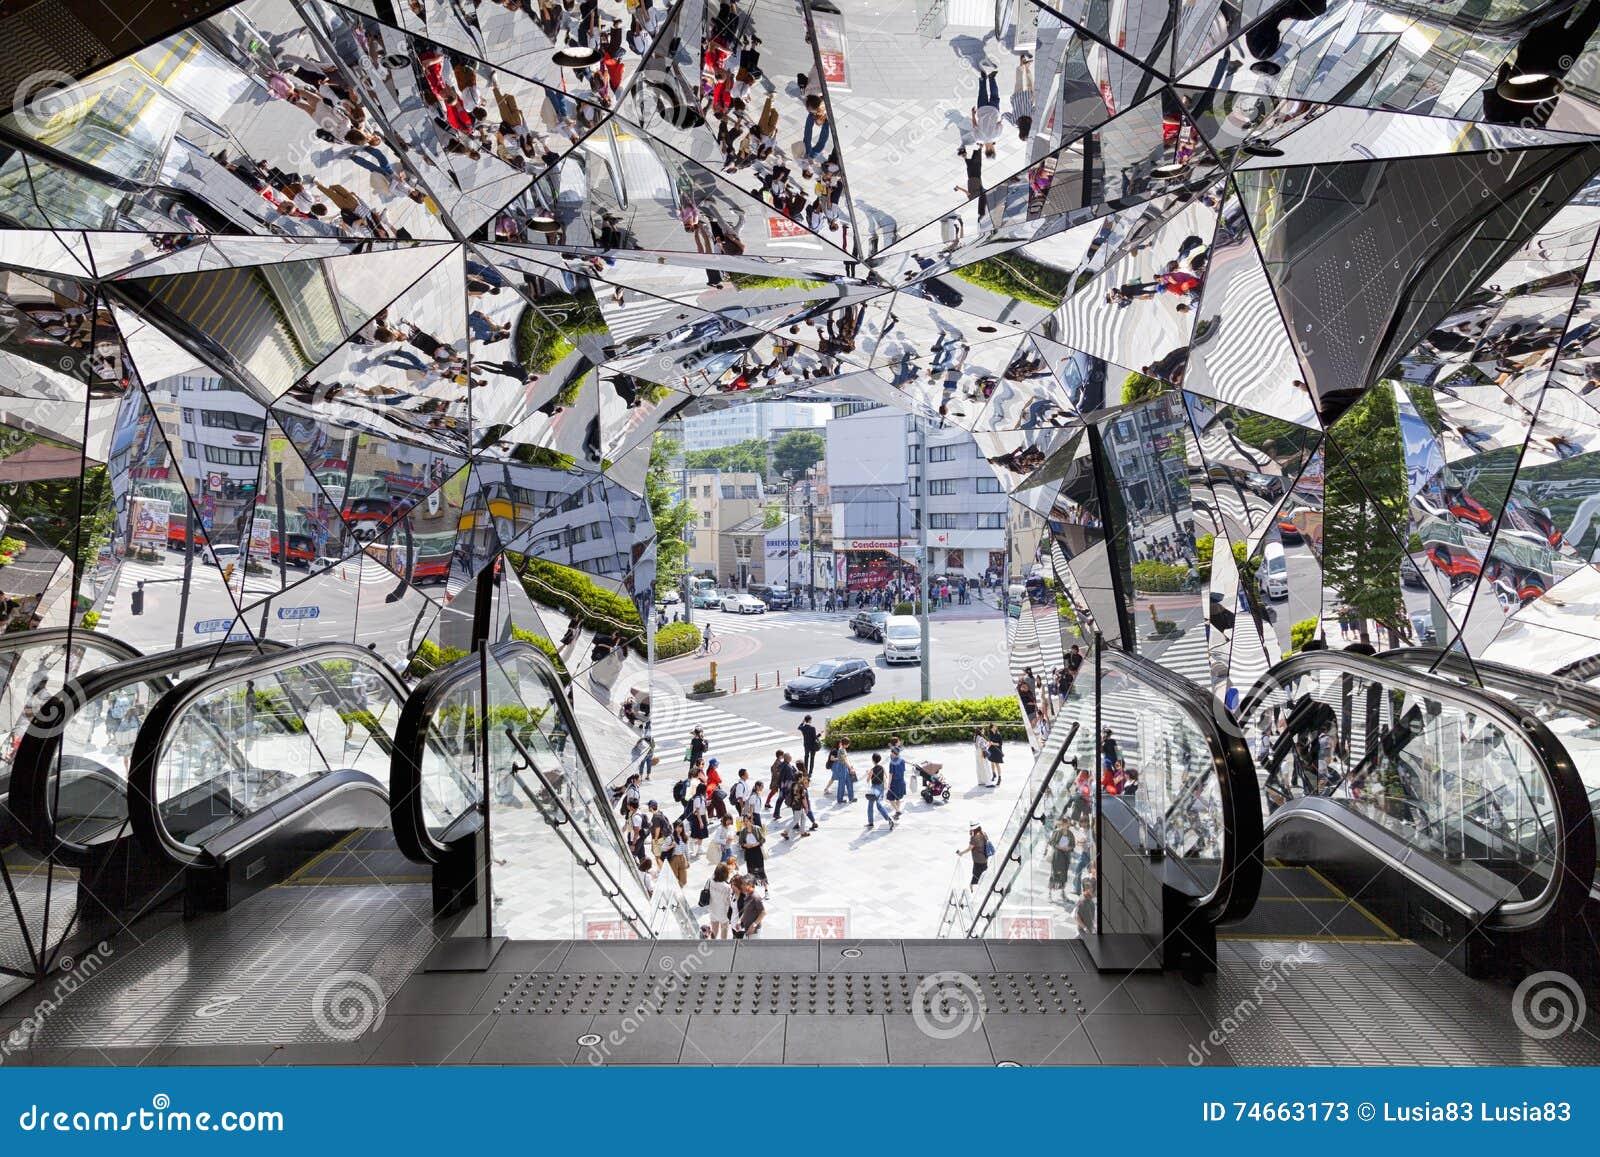 futuristic architecture office building facade editorial stock